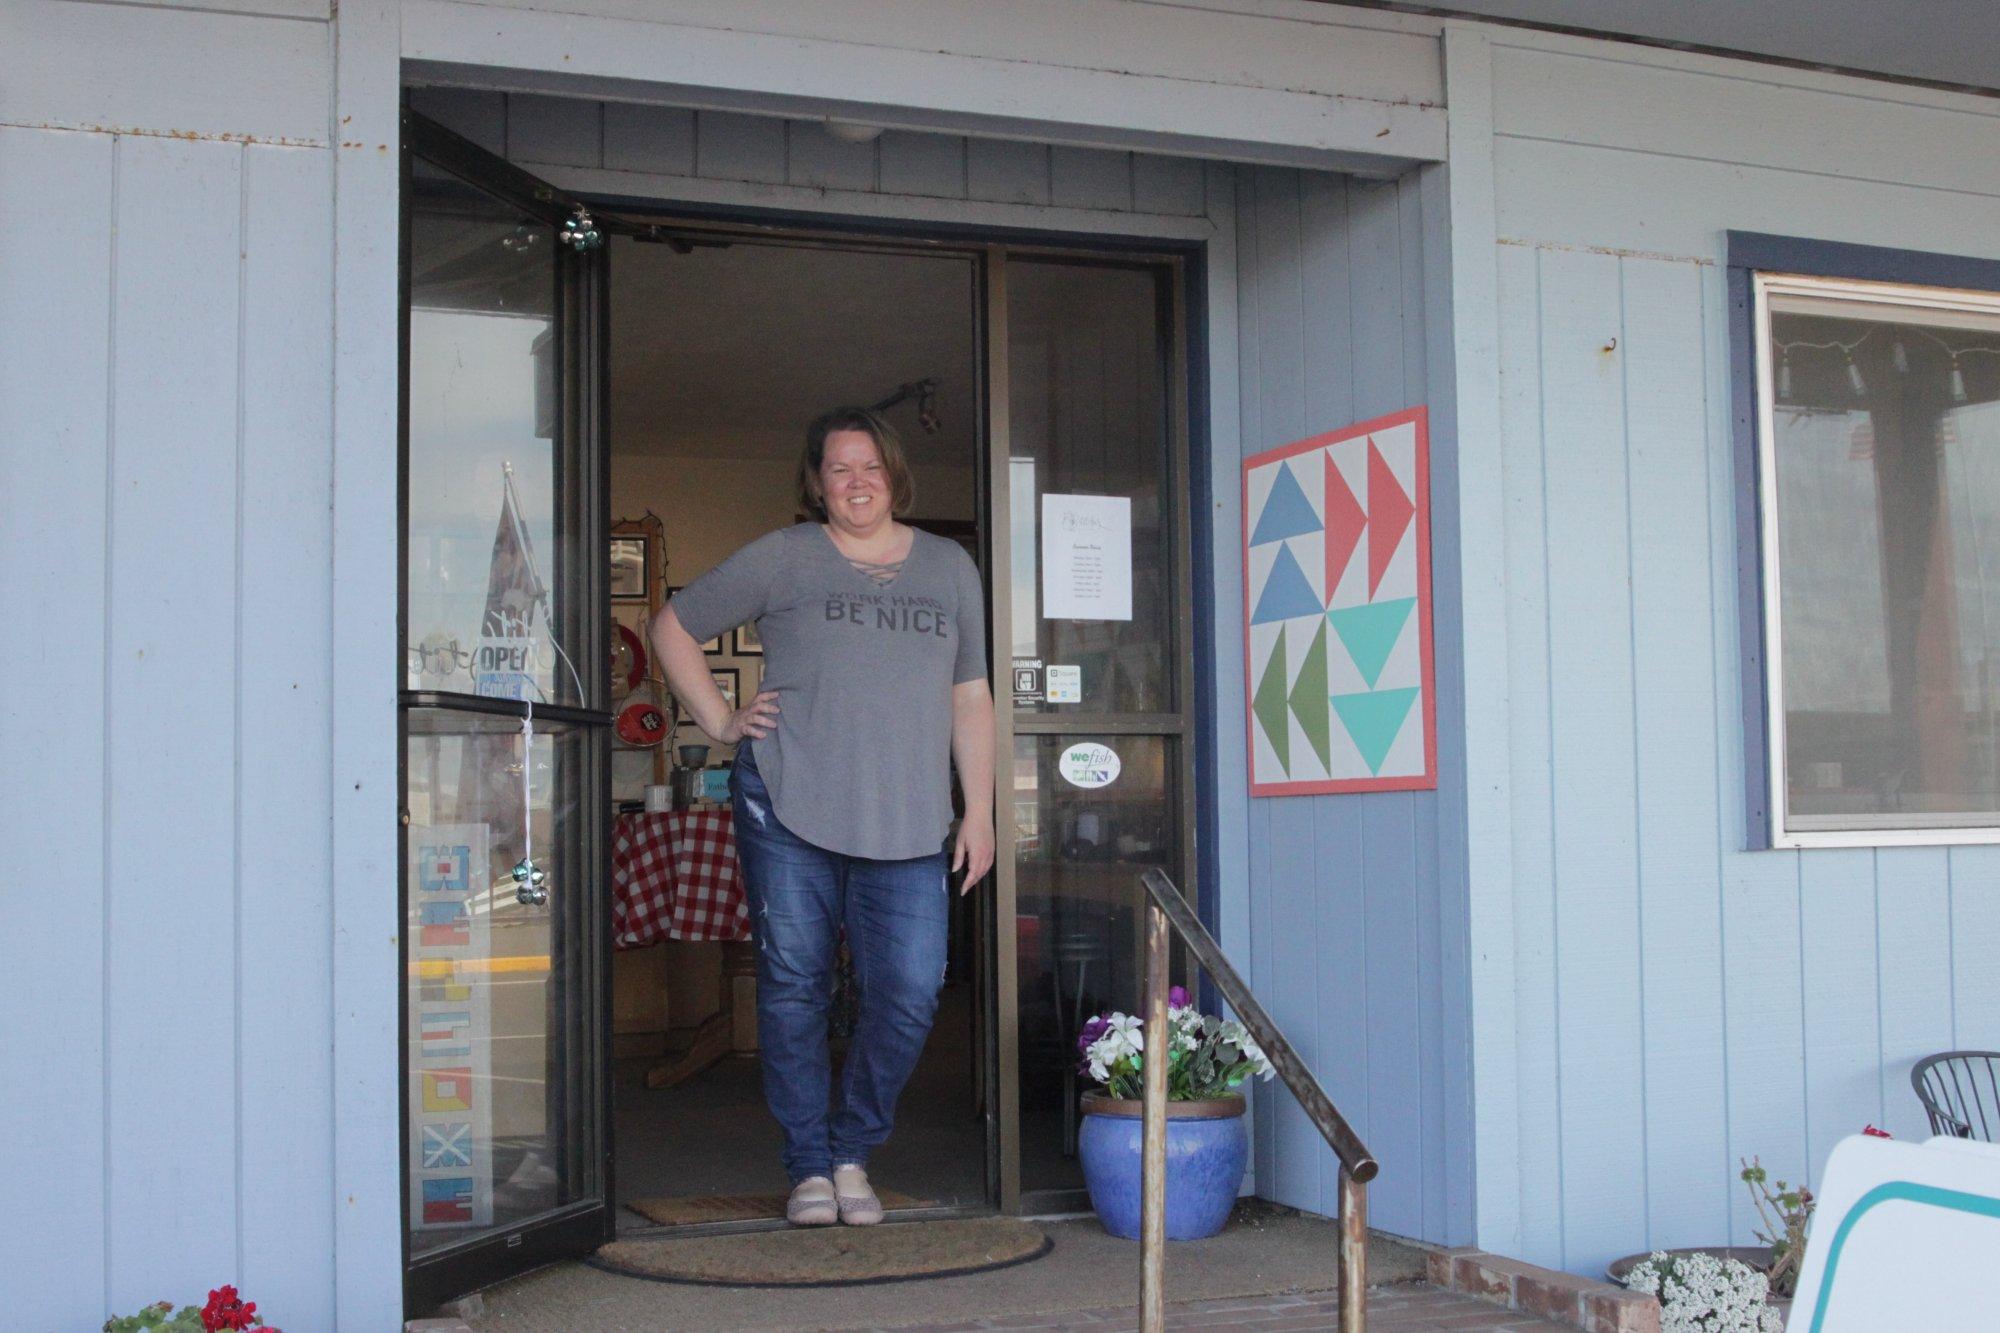 Adrienne Wilkie, owner of Stitches Quilt and Craft in Westport, WA